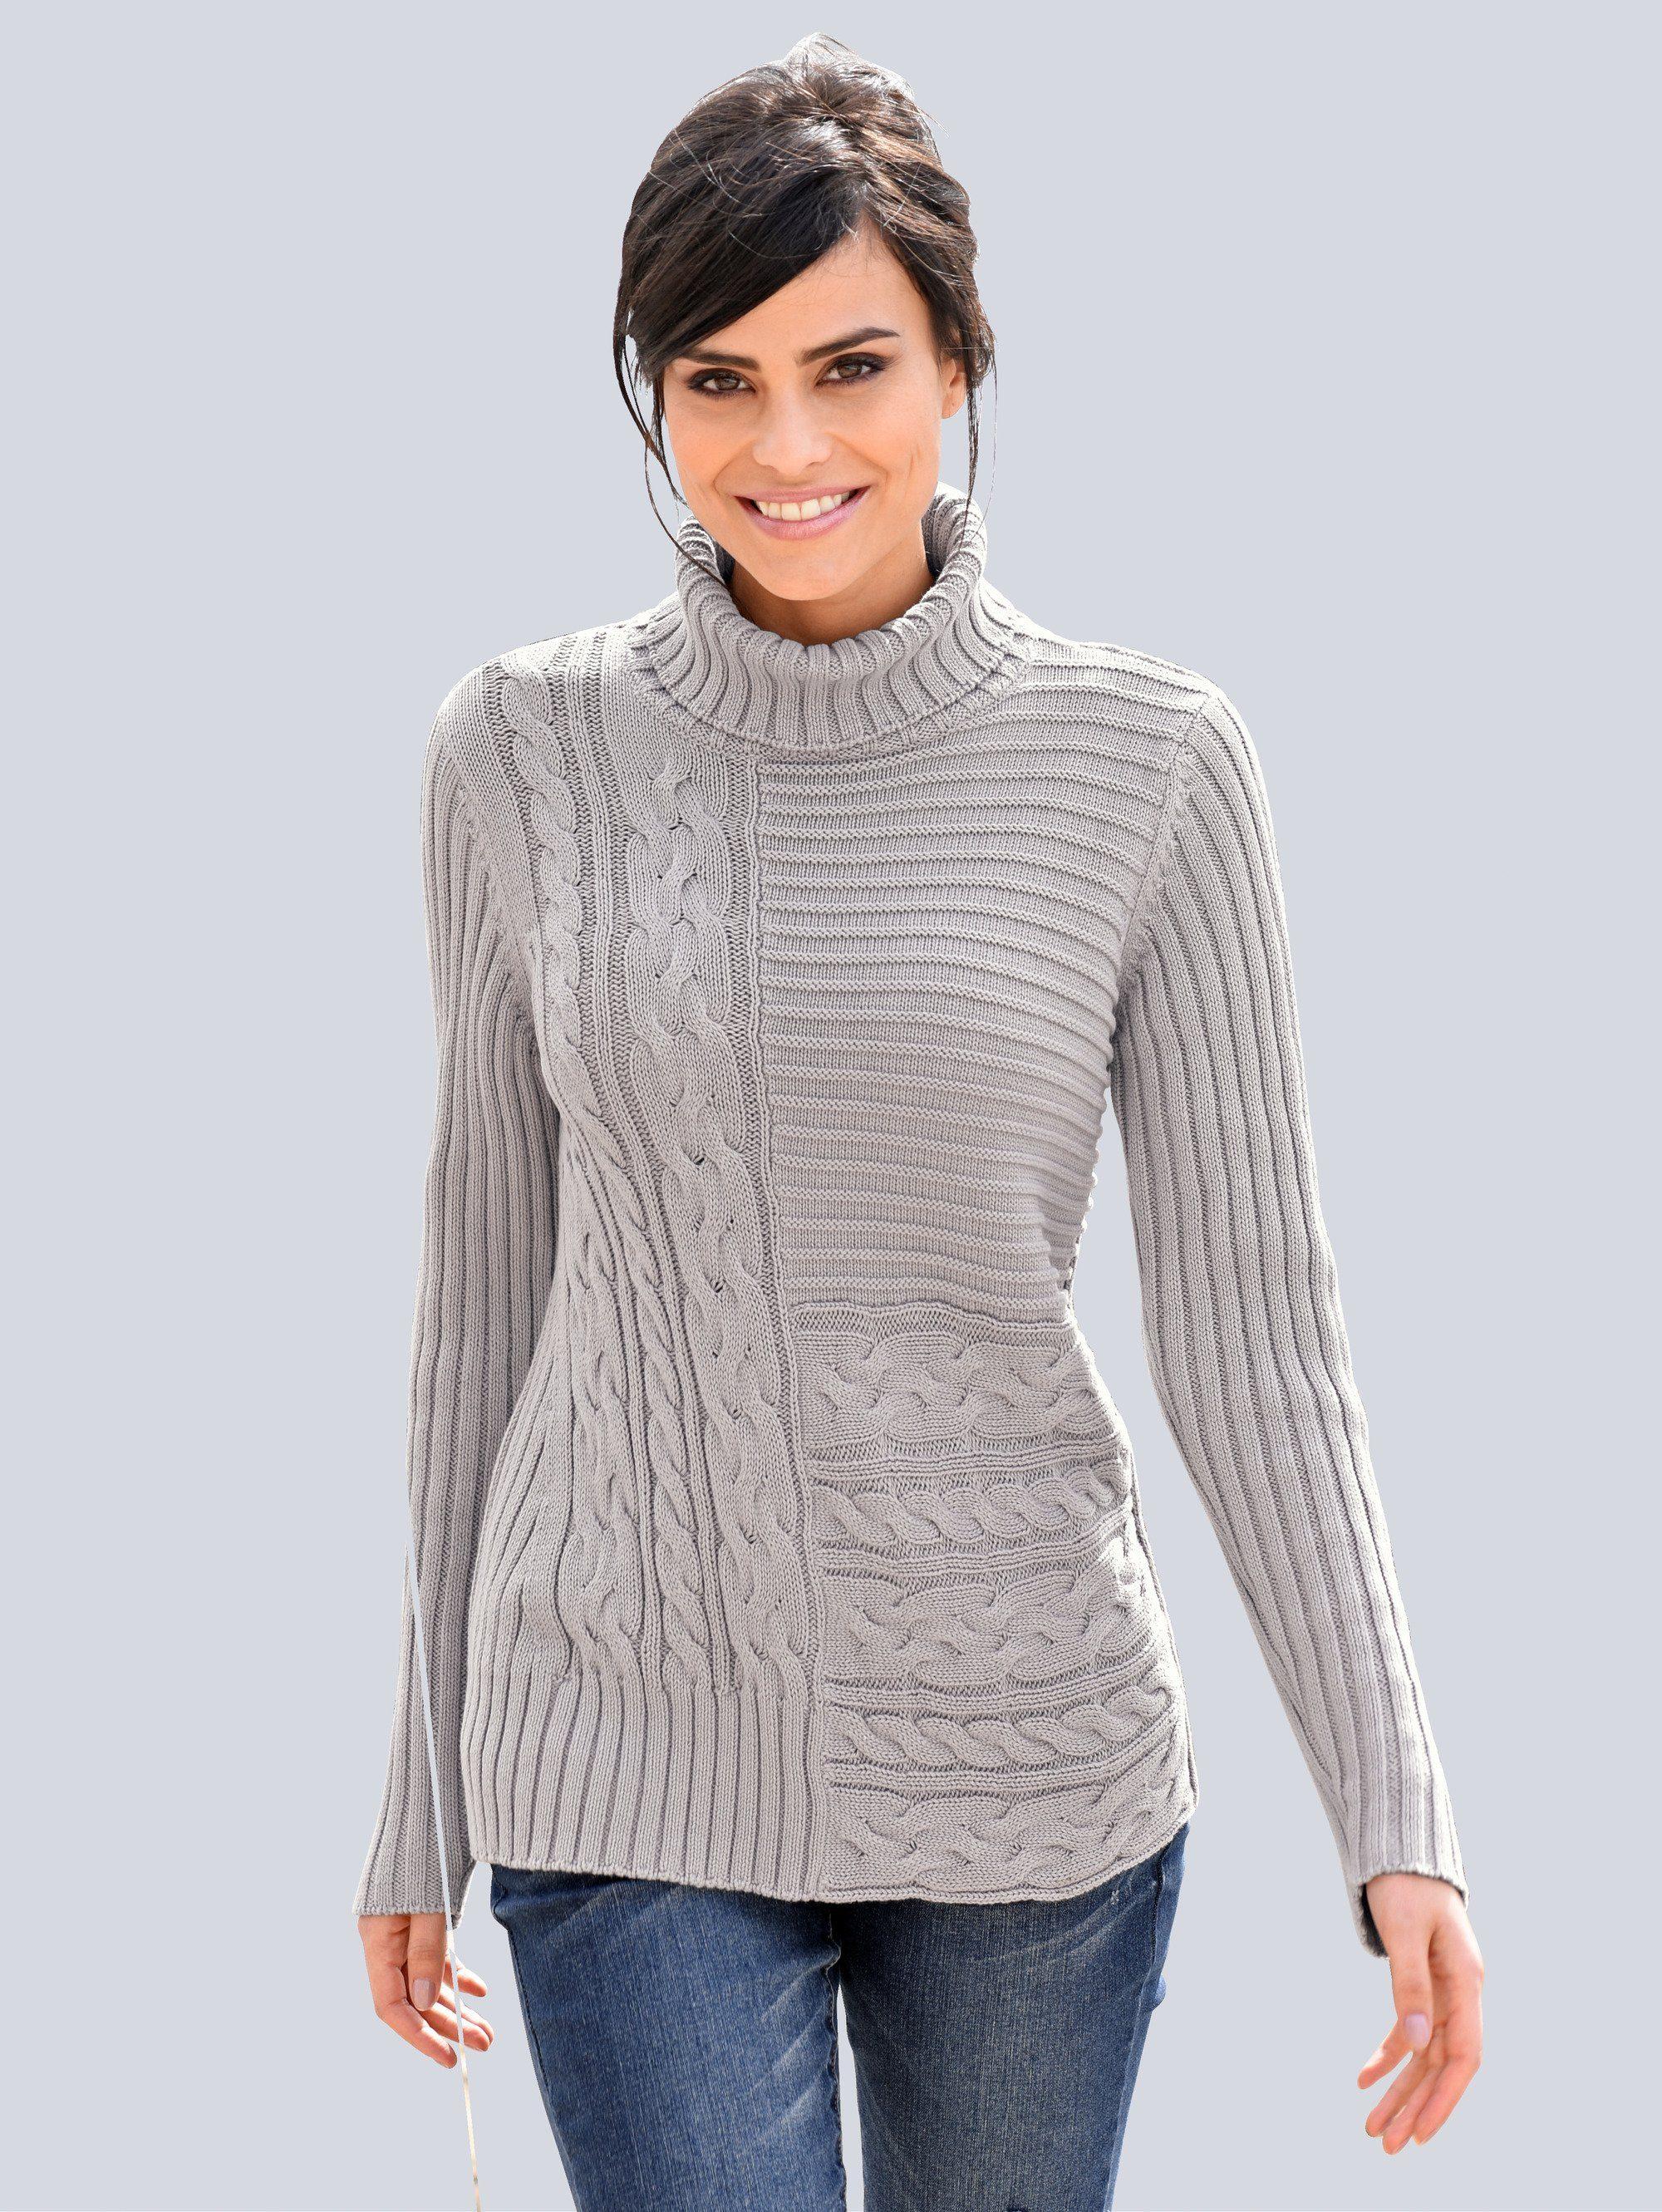 Alba Moda Pullover mit Fully Fashion Verarbeitung | Bekleidung > Pullover > Sonstige Pullover | Grau | Baumwolle | Alba Moda